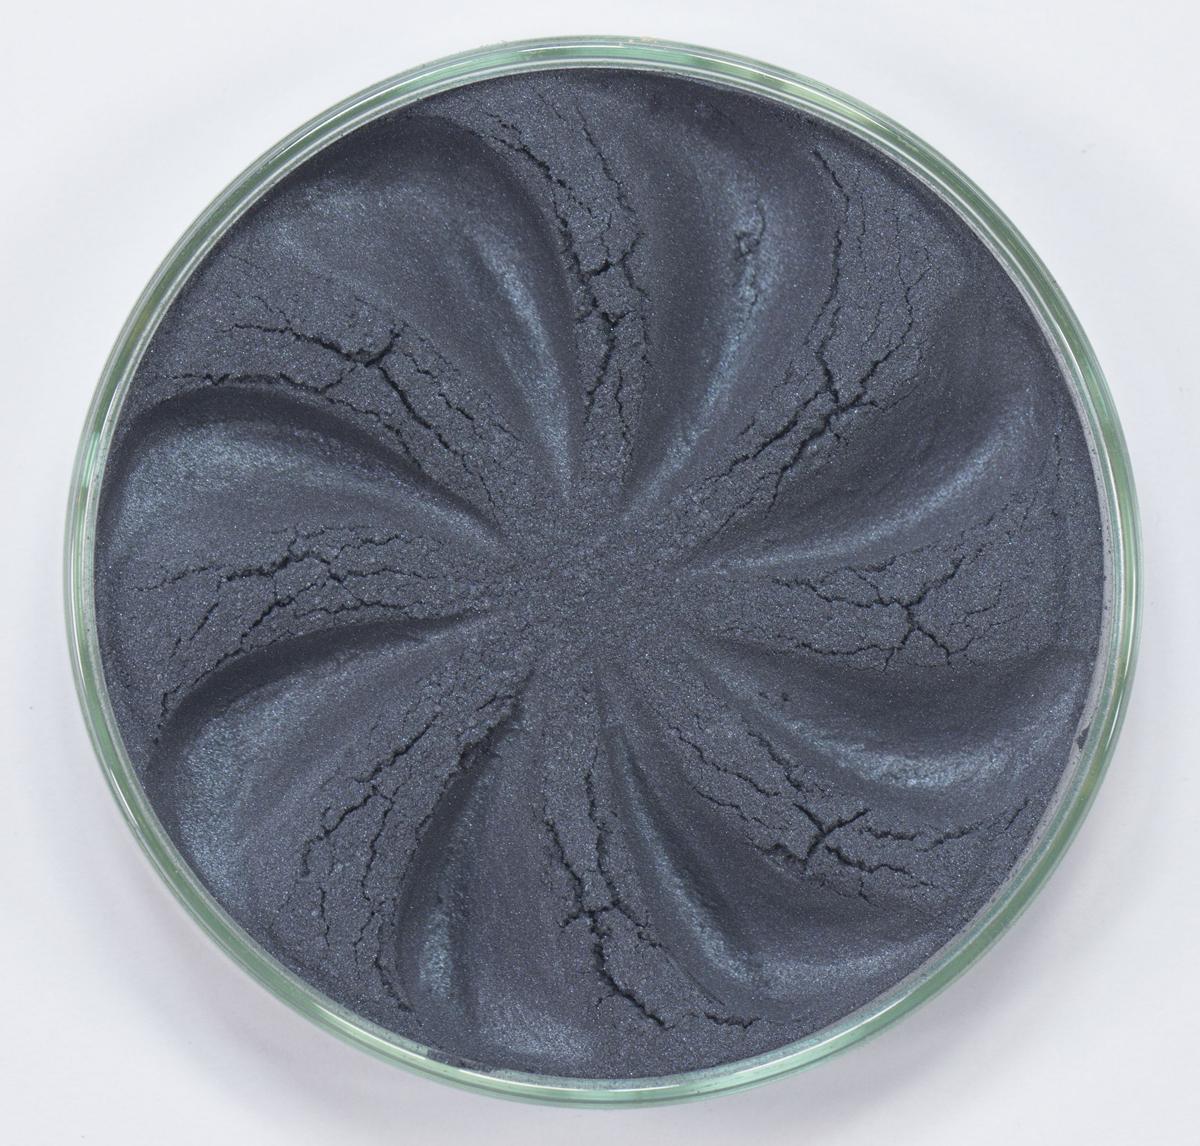 Era Minerals Минеральные Тени для век Pearl тон P08 (маренго), 4 млEYP08Тени для век обеспечивают комплексное покрытие, своим сиянием напоминающее как глубину, так и лучезарный блеск драгоценного камня. Текстура теней содержит в себе цвет-основу с содержанием крошечных мерцающих частиц, превосходно сочетающихся с основным цветом. Сильные и яркие минеральные пигменты Можно наносить как влажным, так и сухим способом Без отдушек и содержания масел, для всех типов кожи Дерматологически протестировано, не аллергенно Не тестировано на животных Вес нетто 1г (стандартный размер)